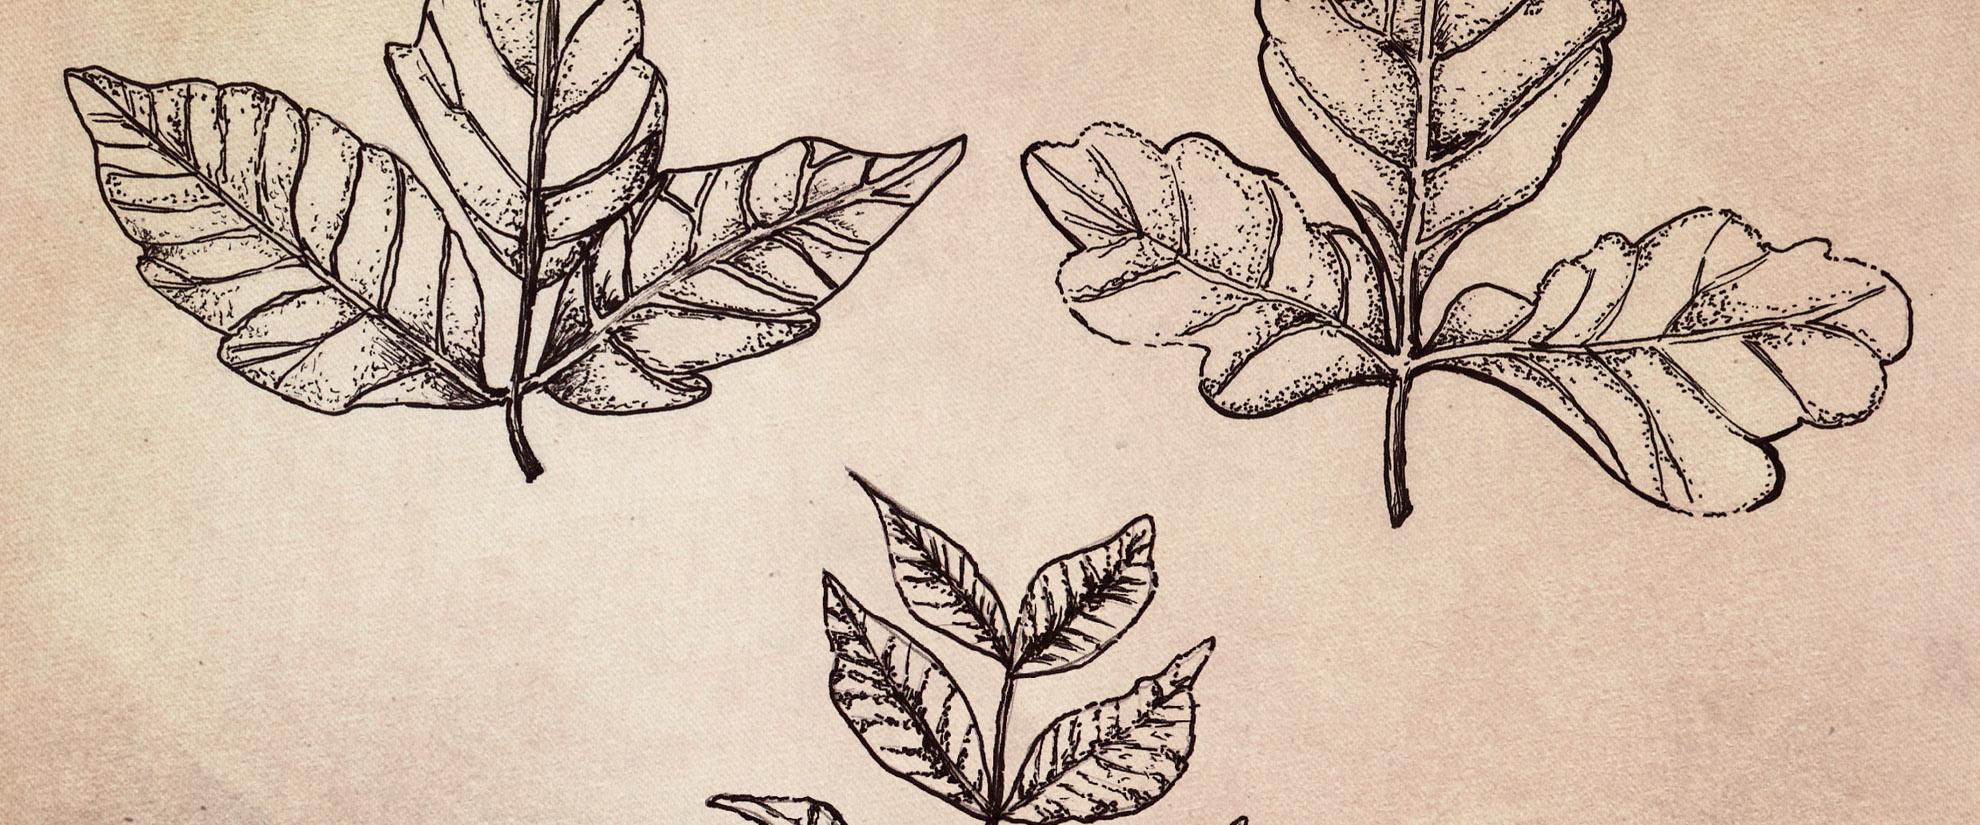 Recognizing Poisonous Plants